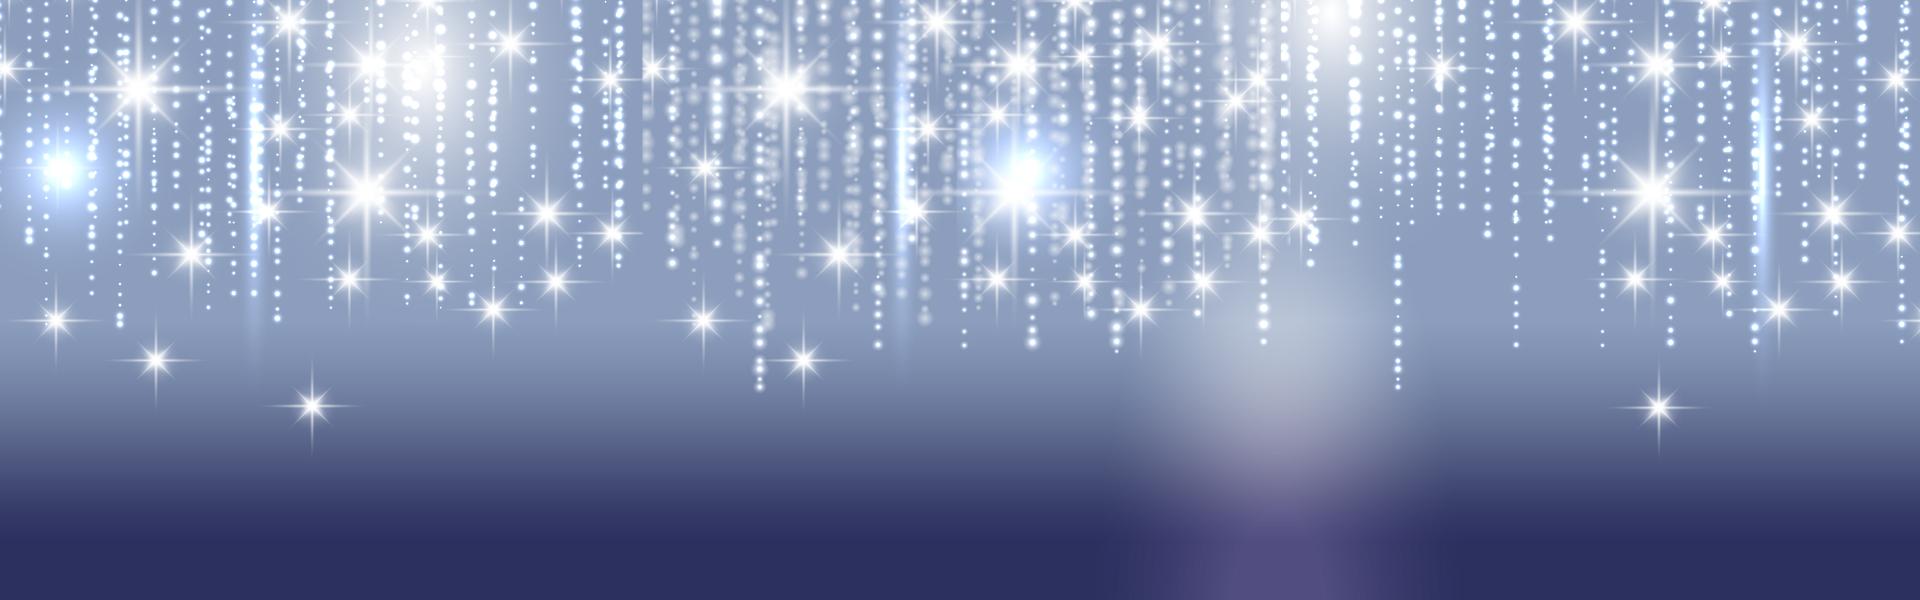 Estrellas-Burbujas-v10-bckg